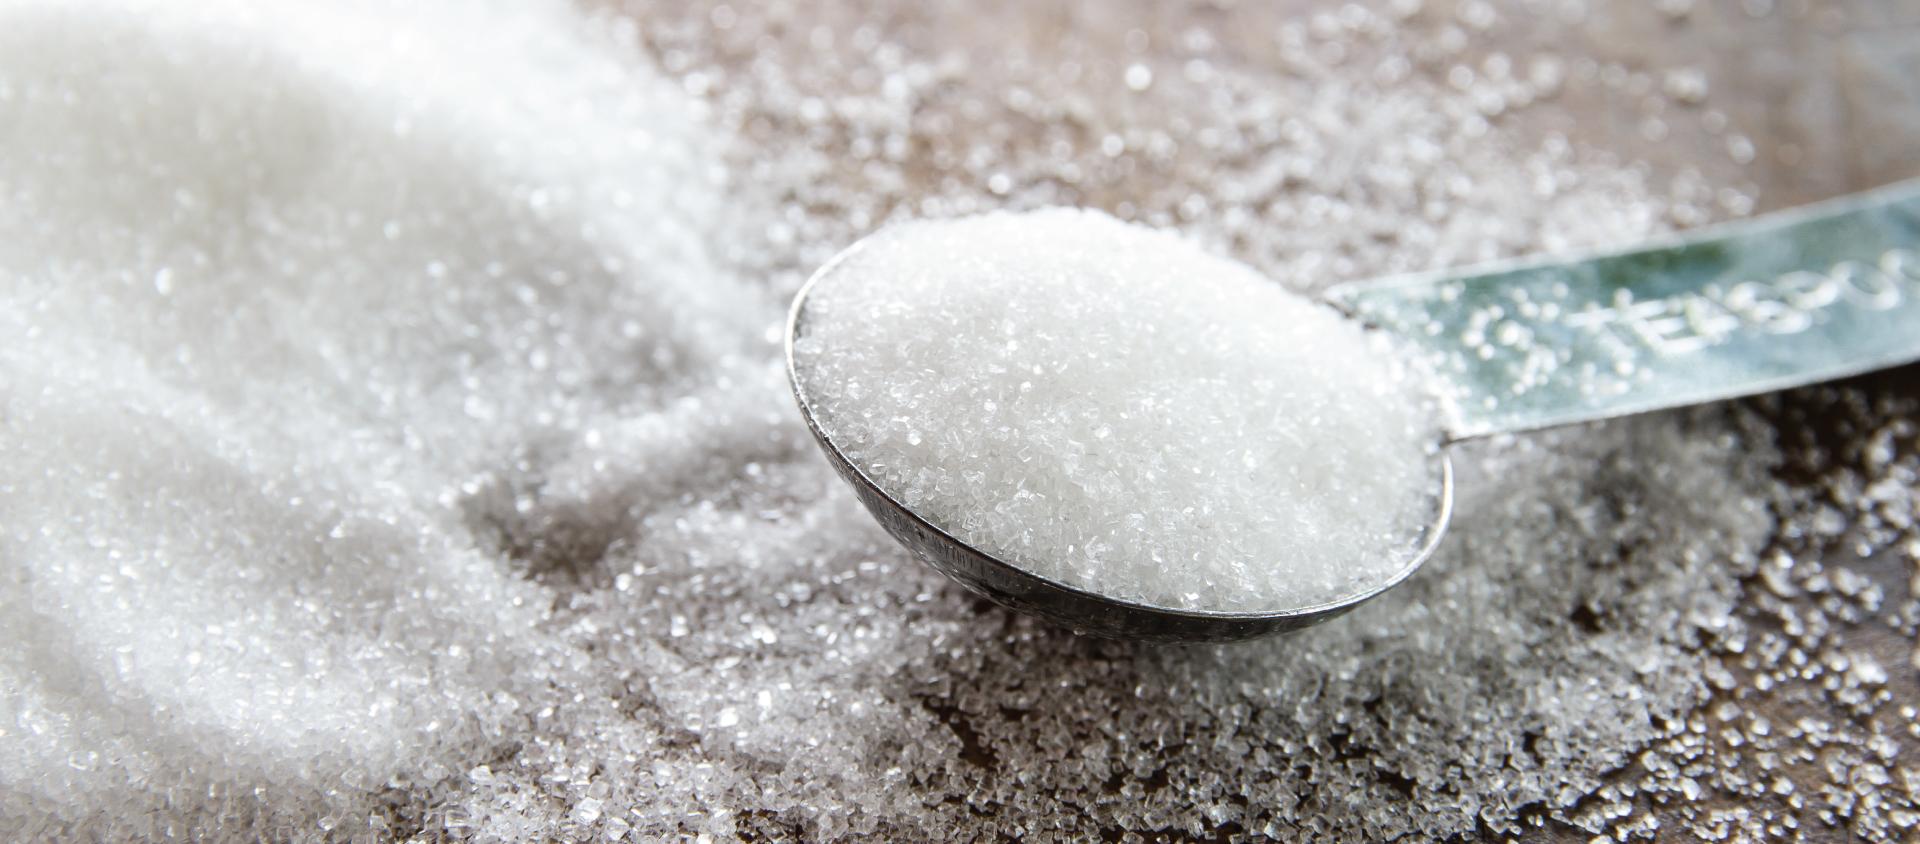 Viver sem açúcar: é possível?